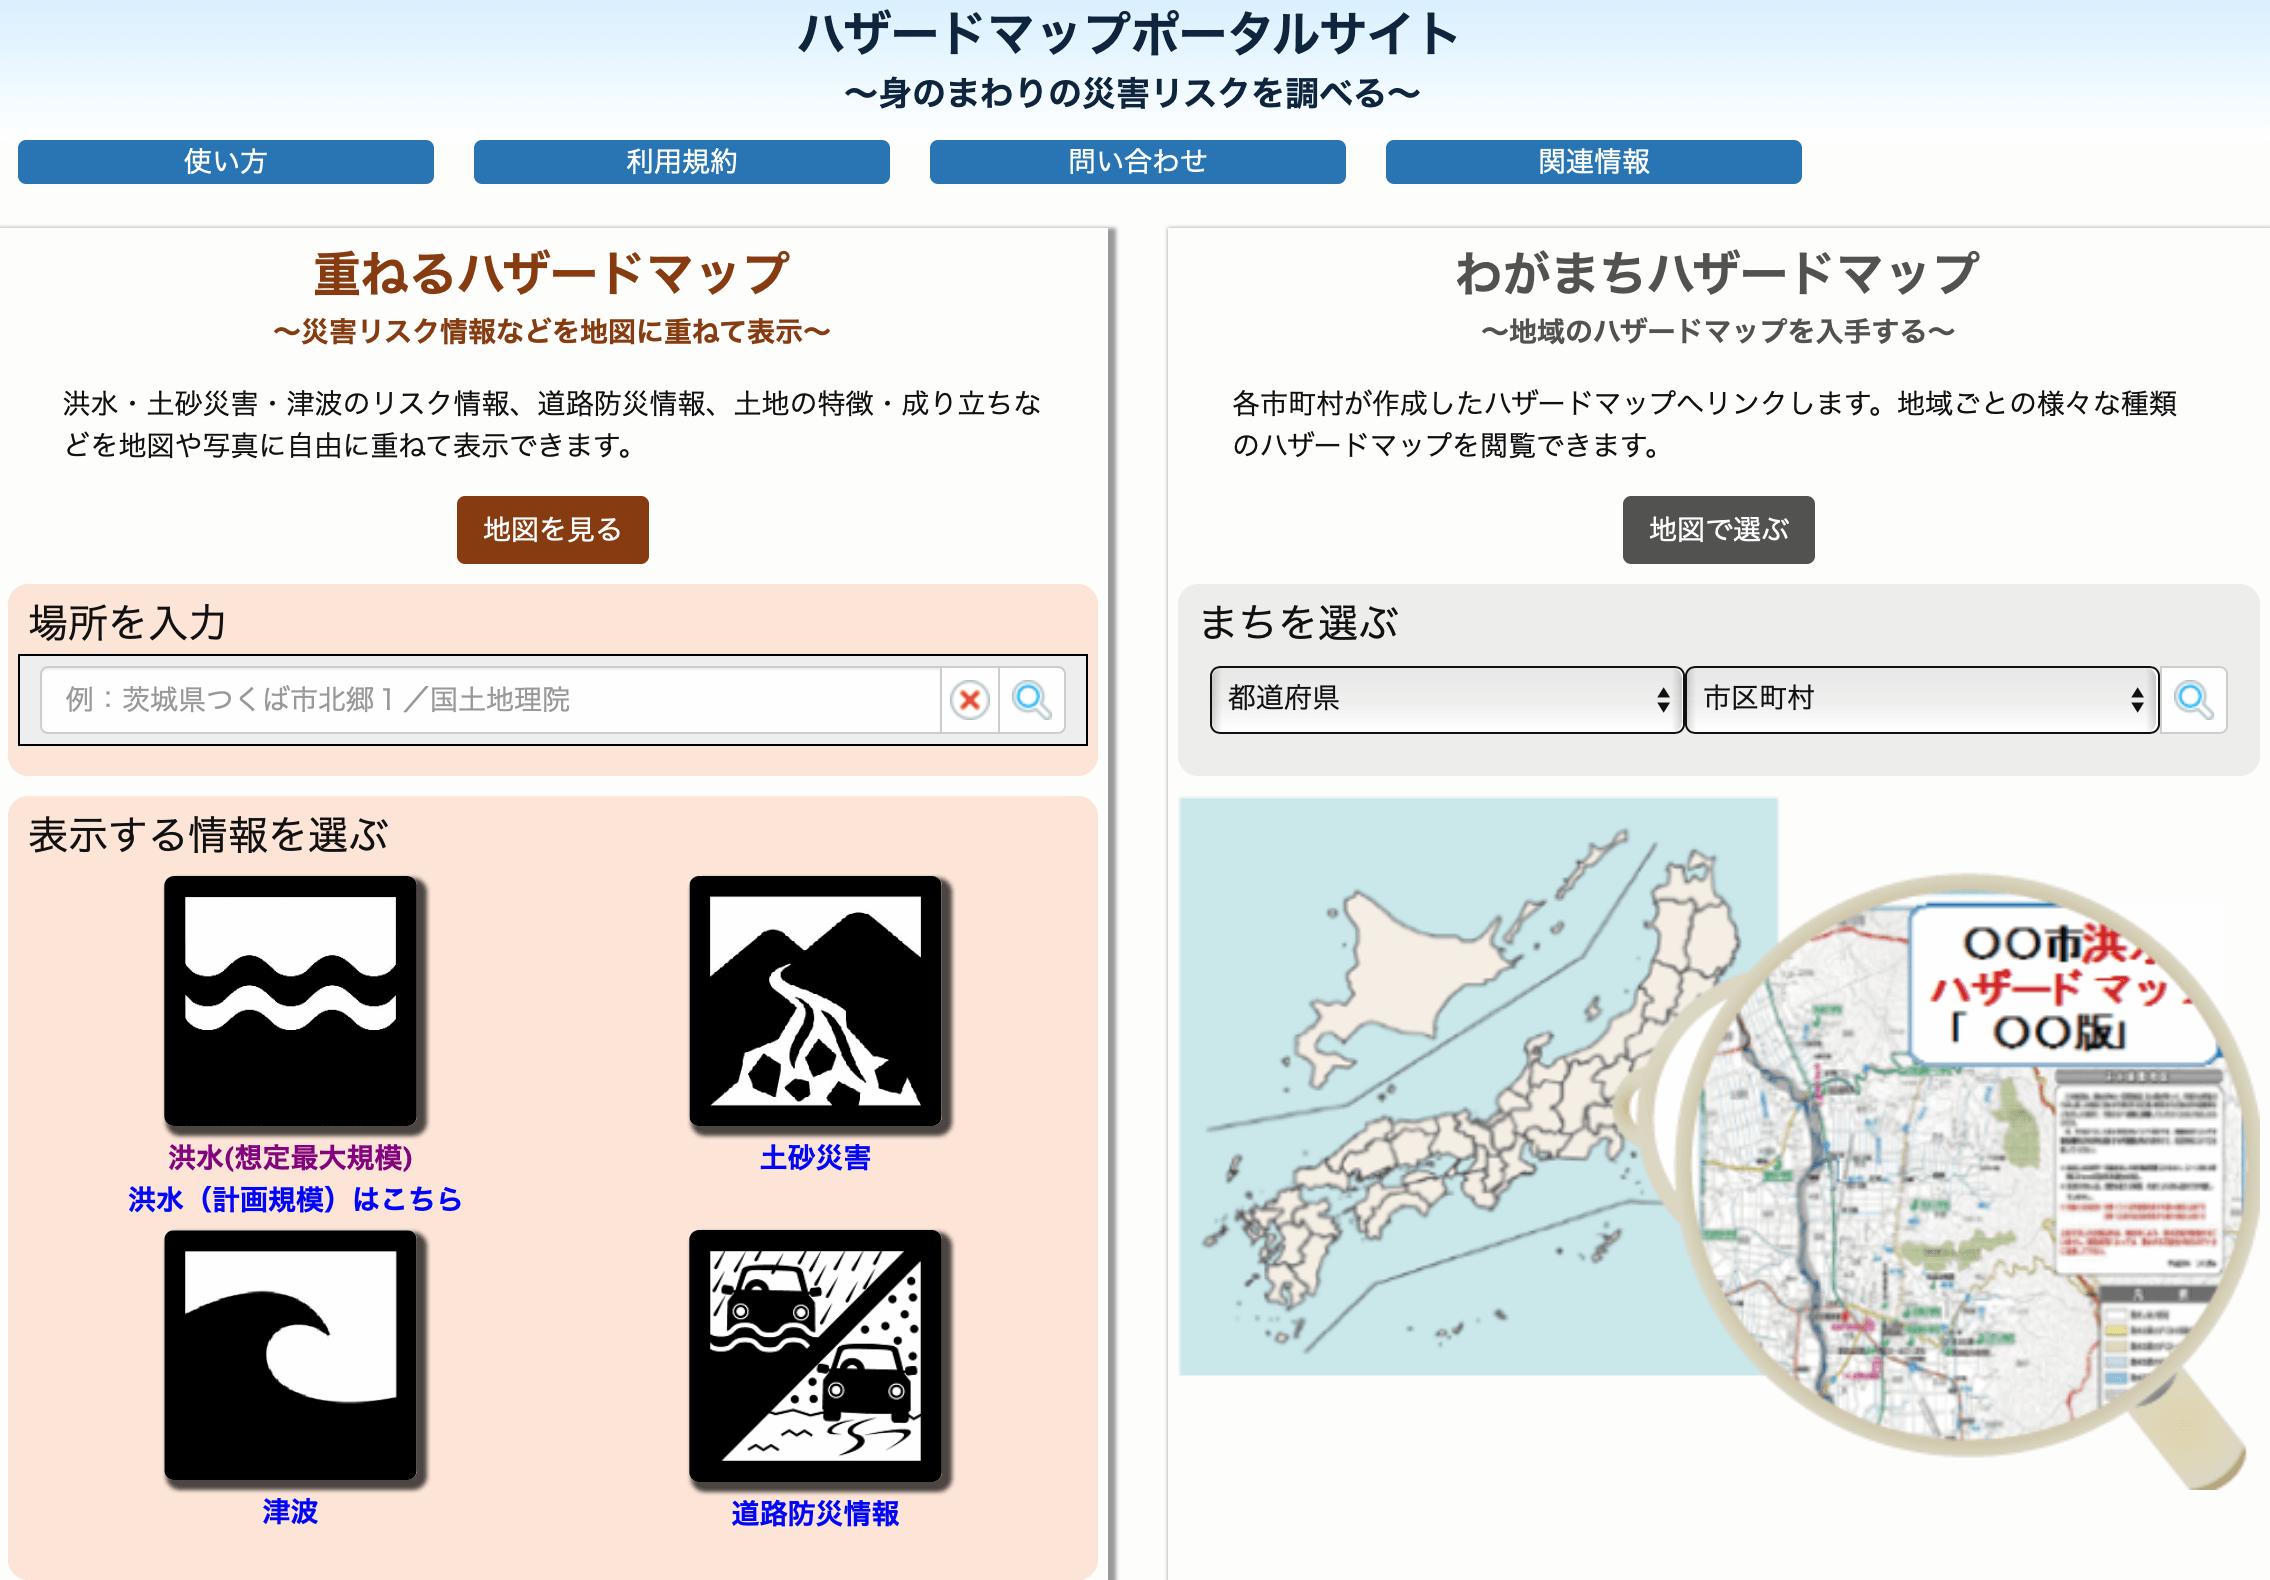 ハザアードマップポータルサイト